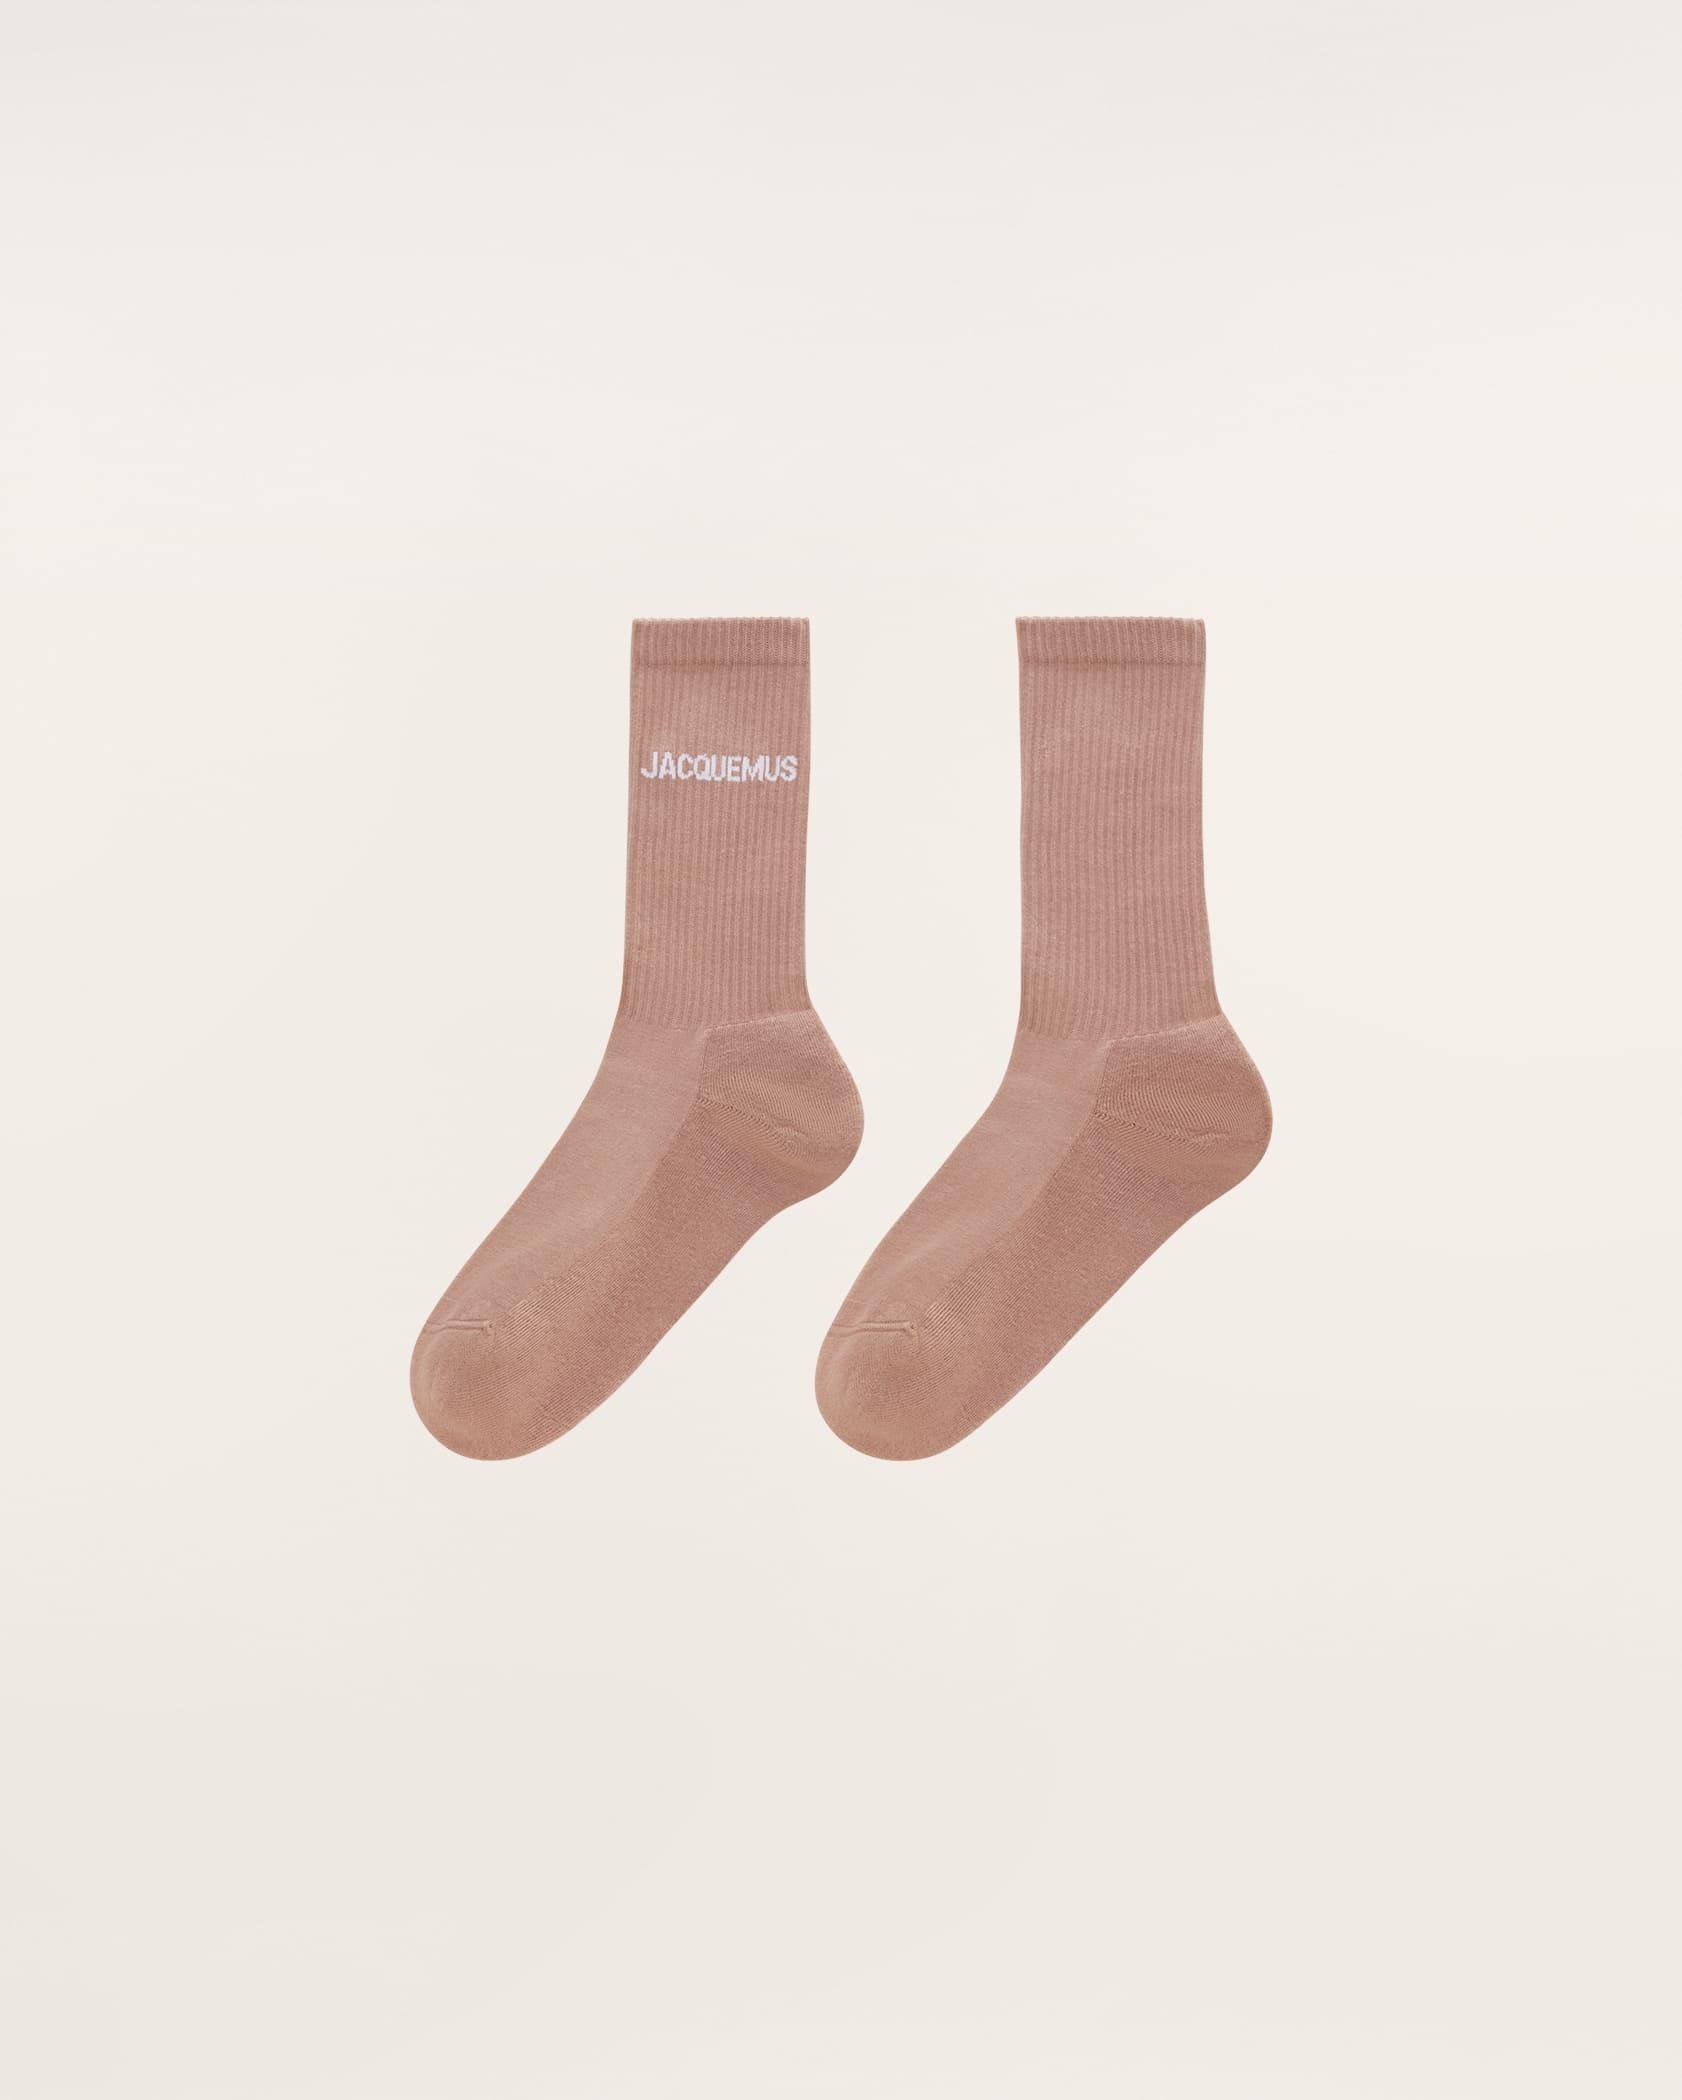 Les chaussettes Jacquemus